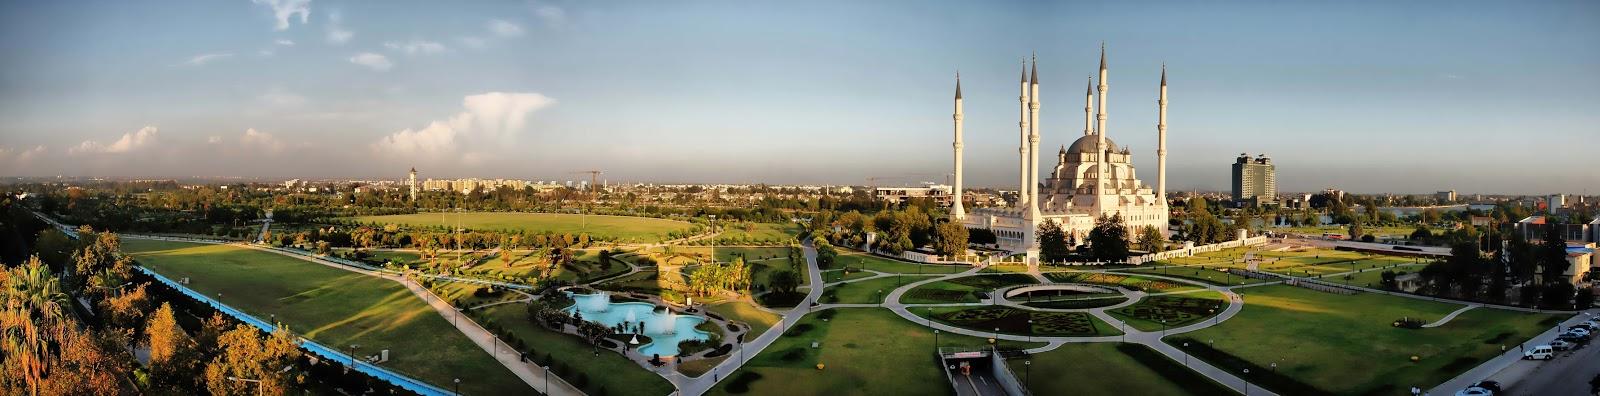 Adana Merkez Park Panoramik